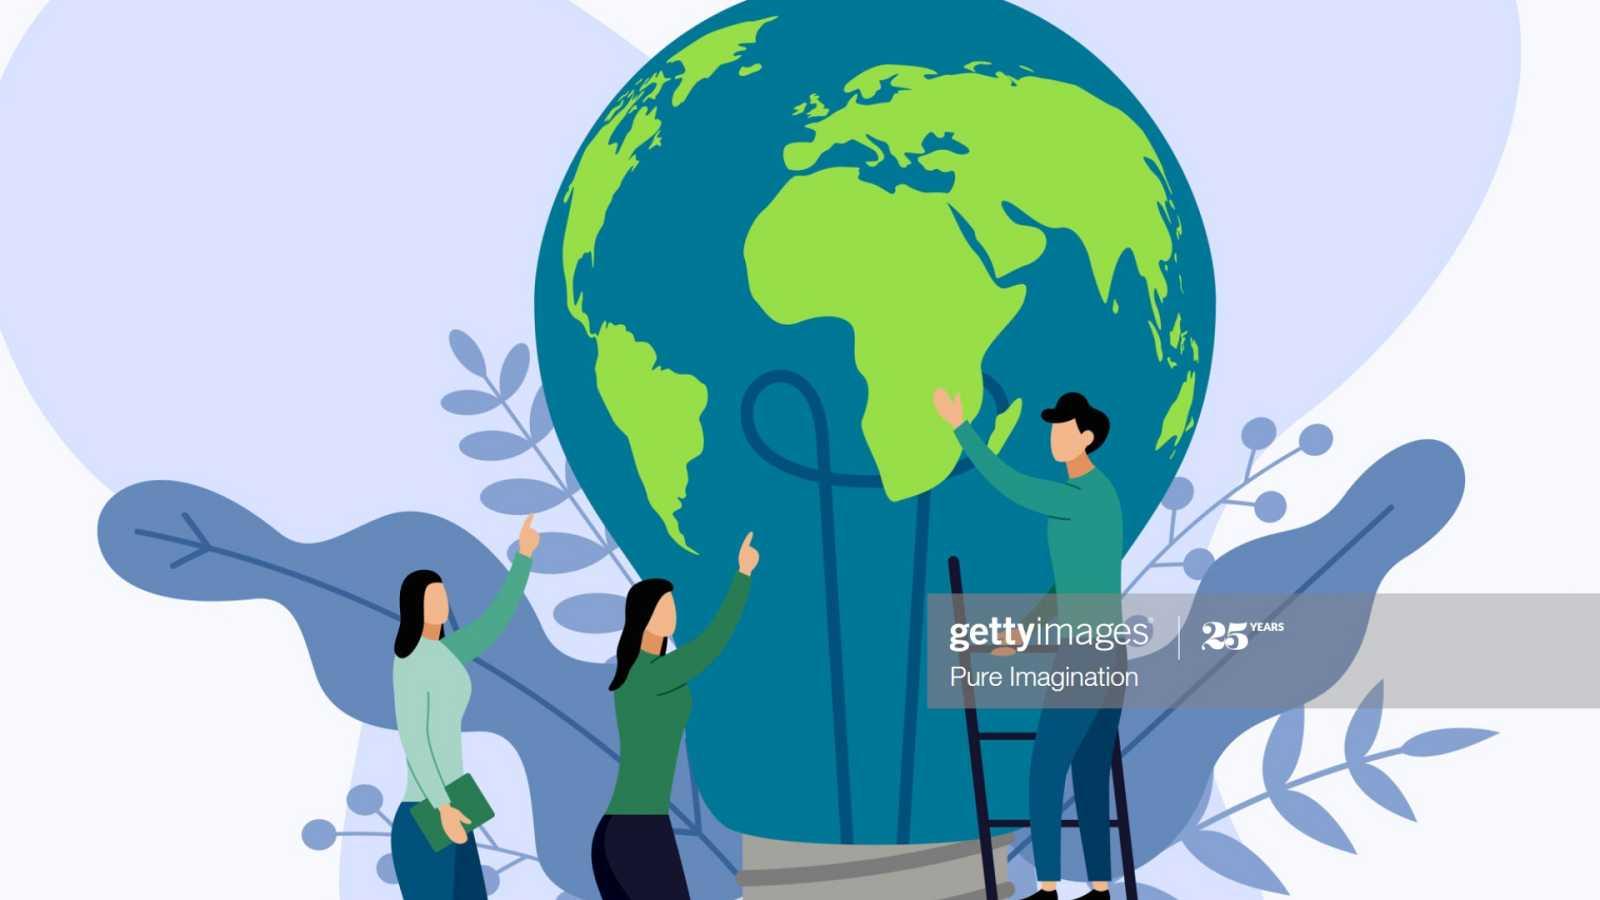 Solamente una vez - Cambiar el mundo, mascarillas y panorama internacional - 21/05/20 - escuchar ahora